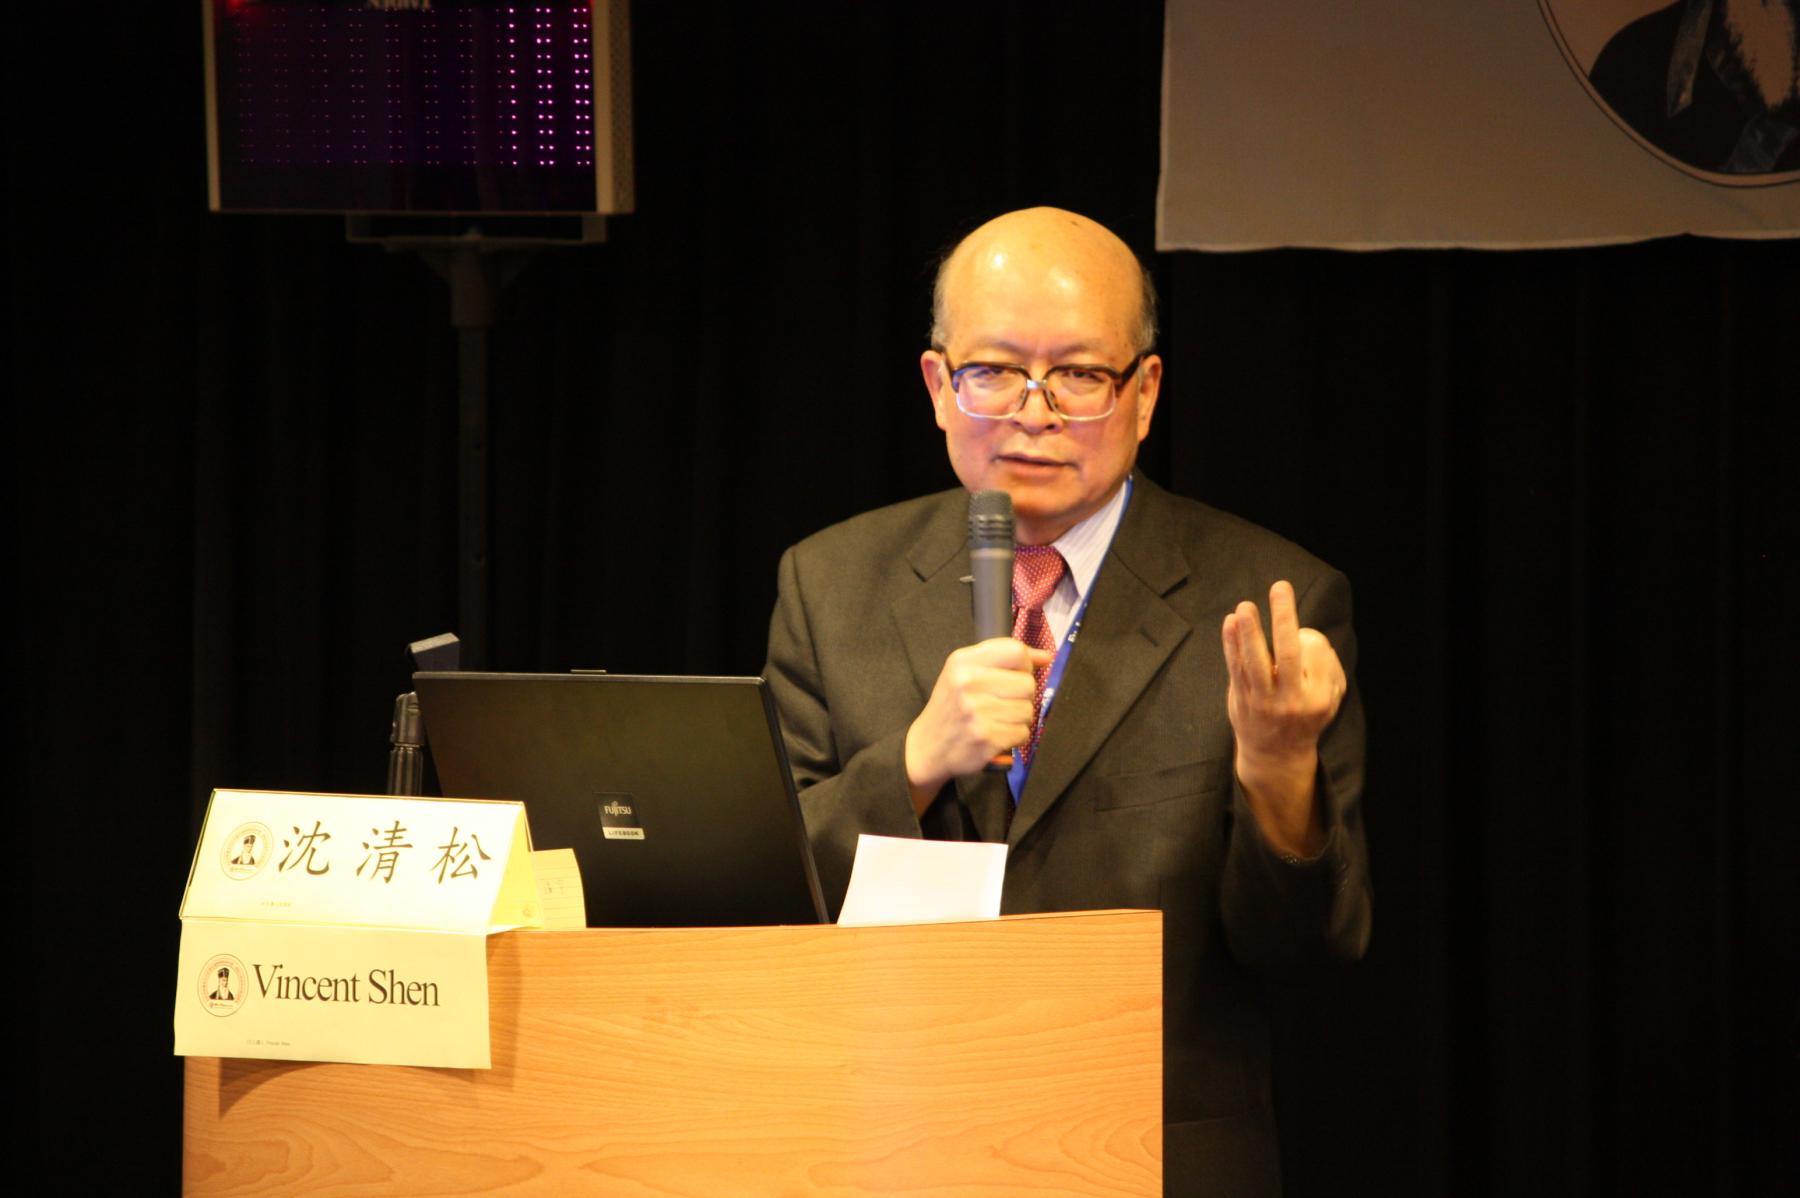 201004紀念利瑪竇逝世四百週年國際學術研討會-42